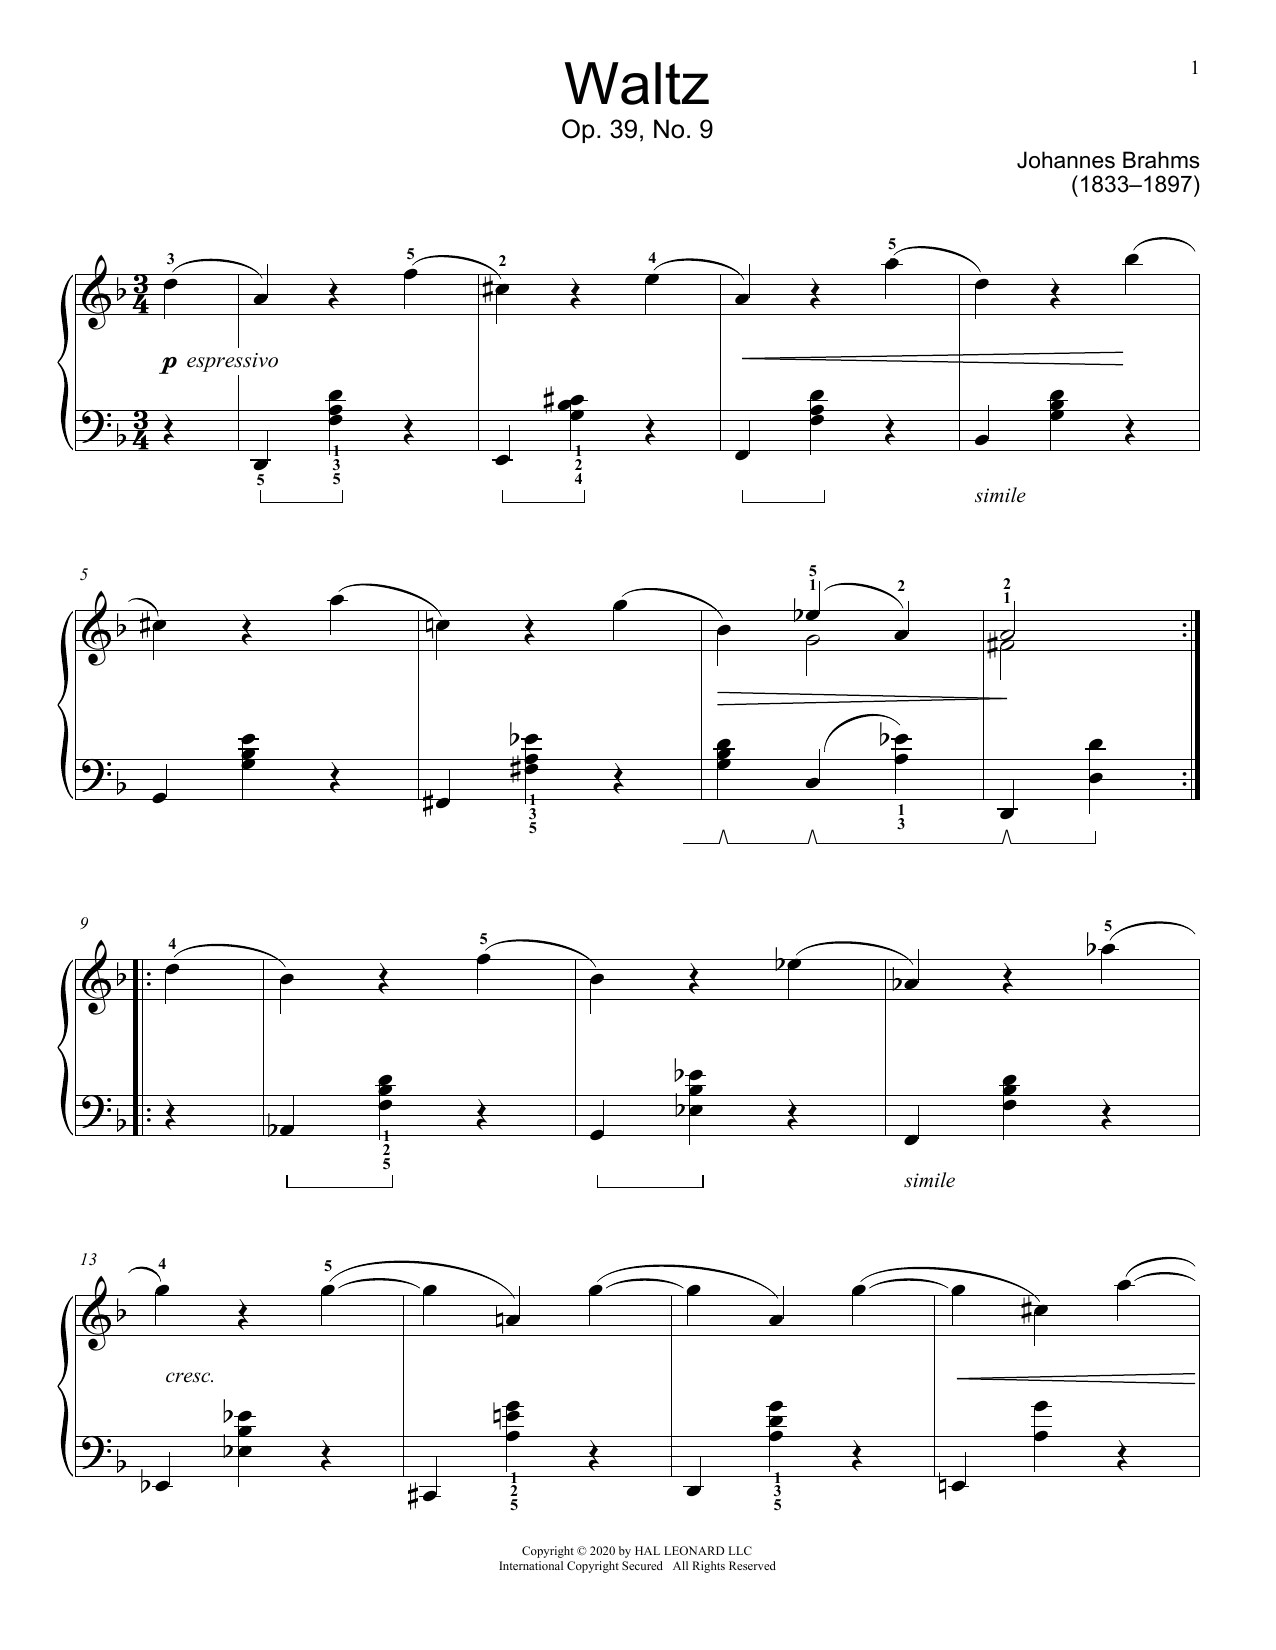 Waltz, Op. 39, No. 9 Sheet Music